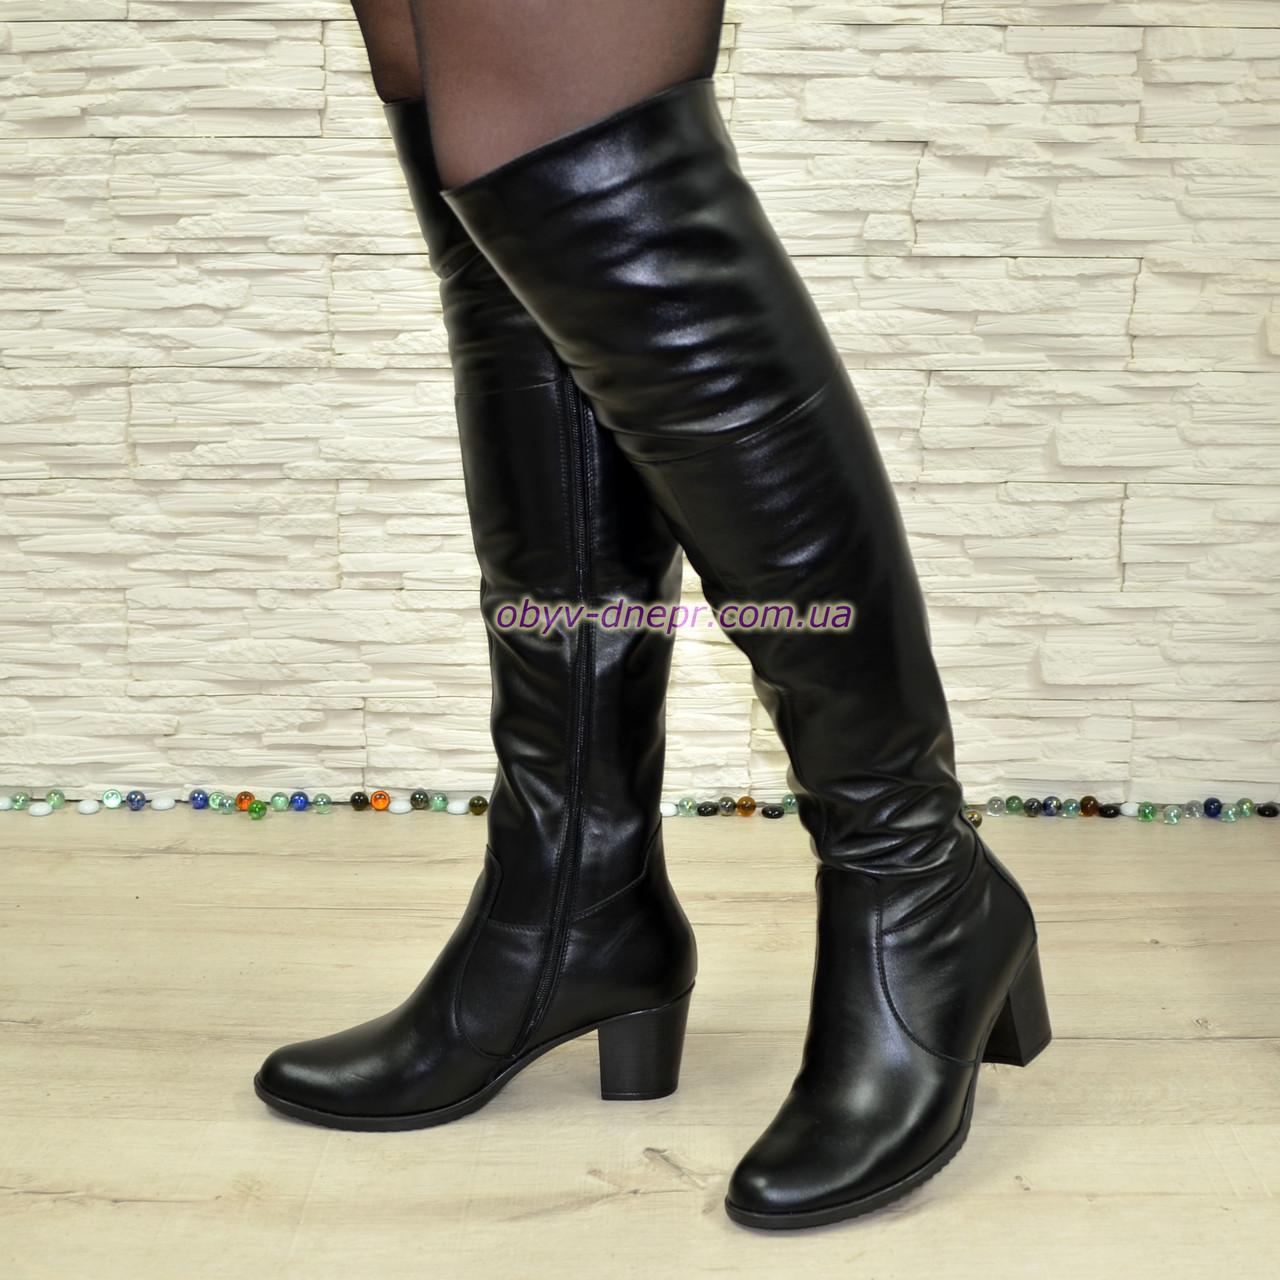 Ботфорты зимние кожаные на каблуке.